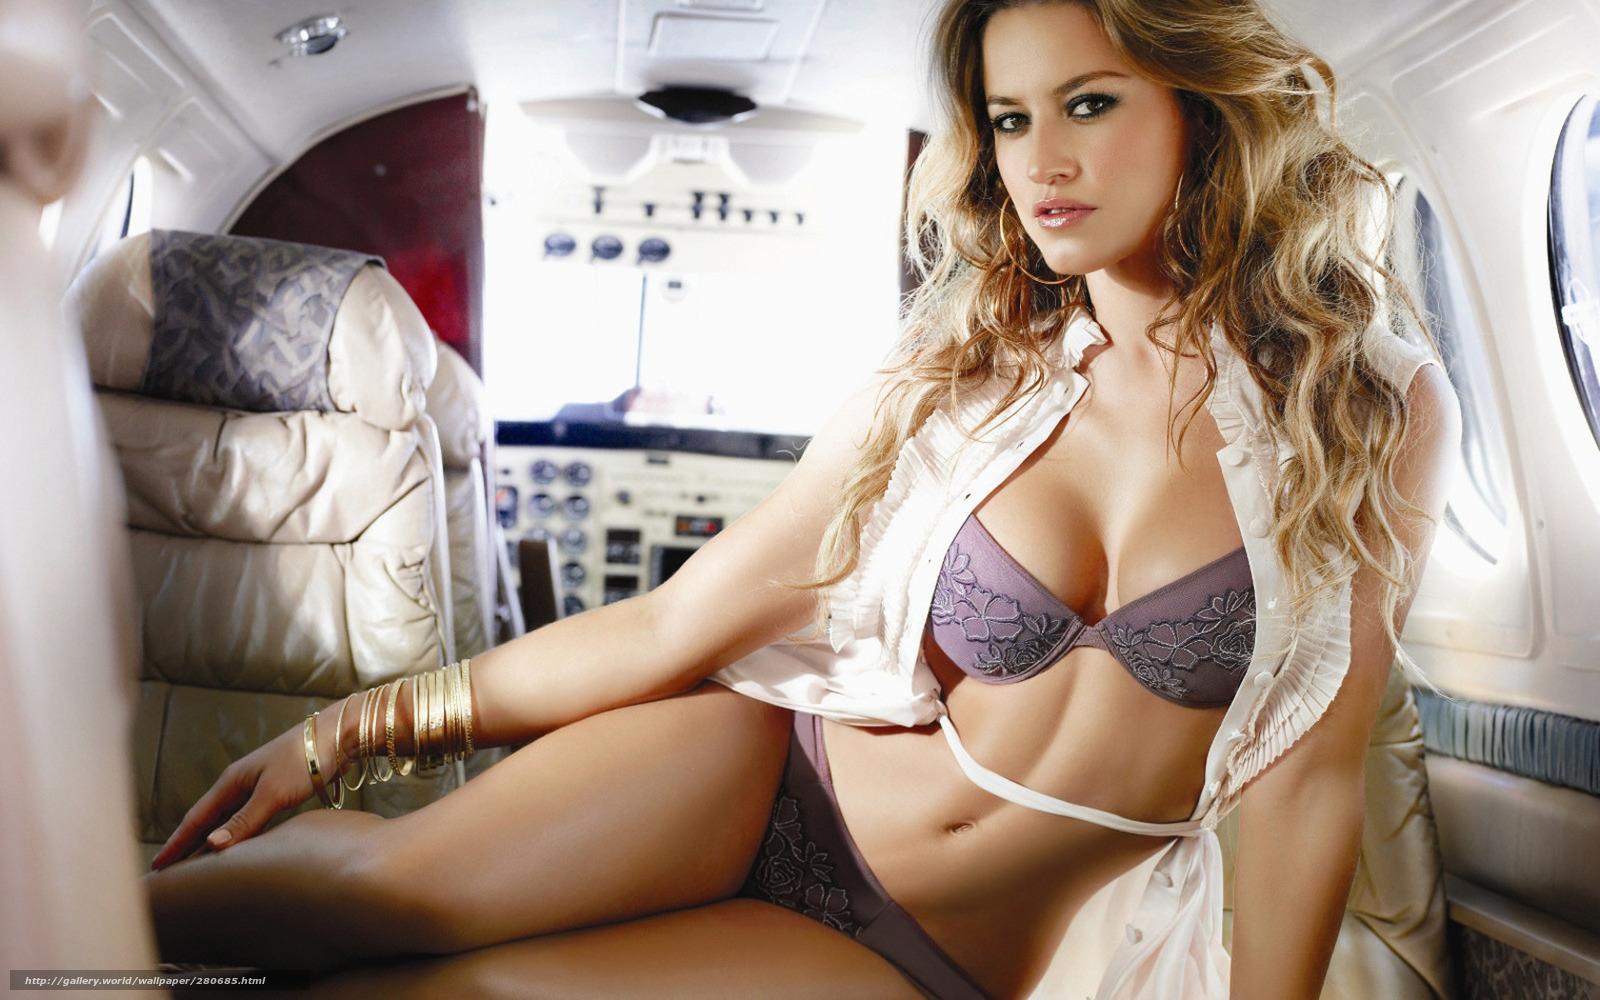 Фото девушки женщины в самолете 4 фотография